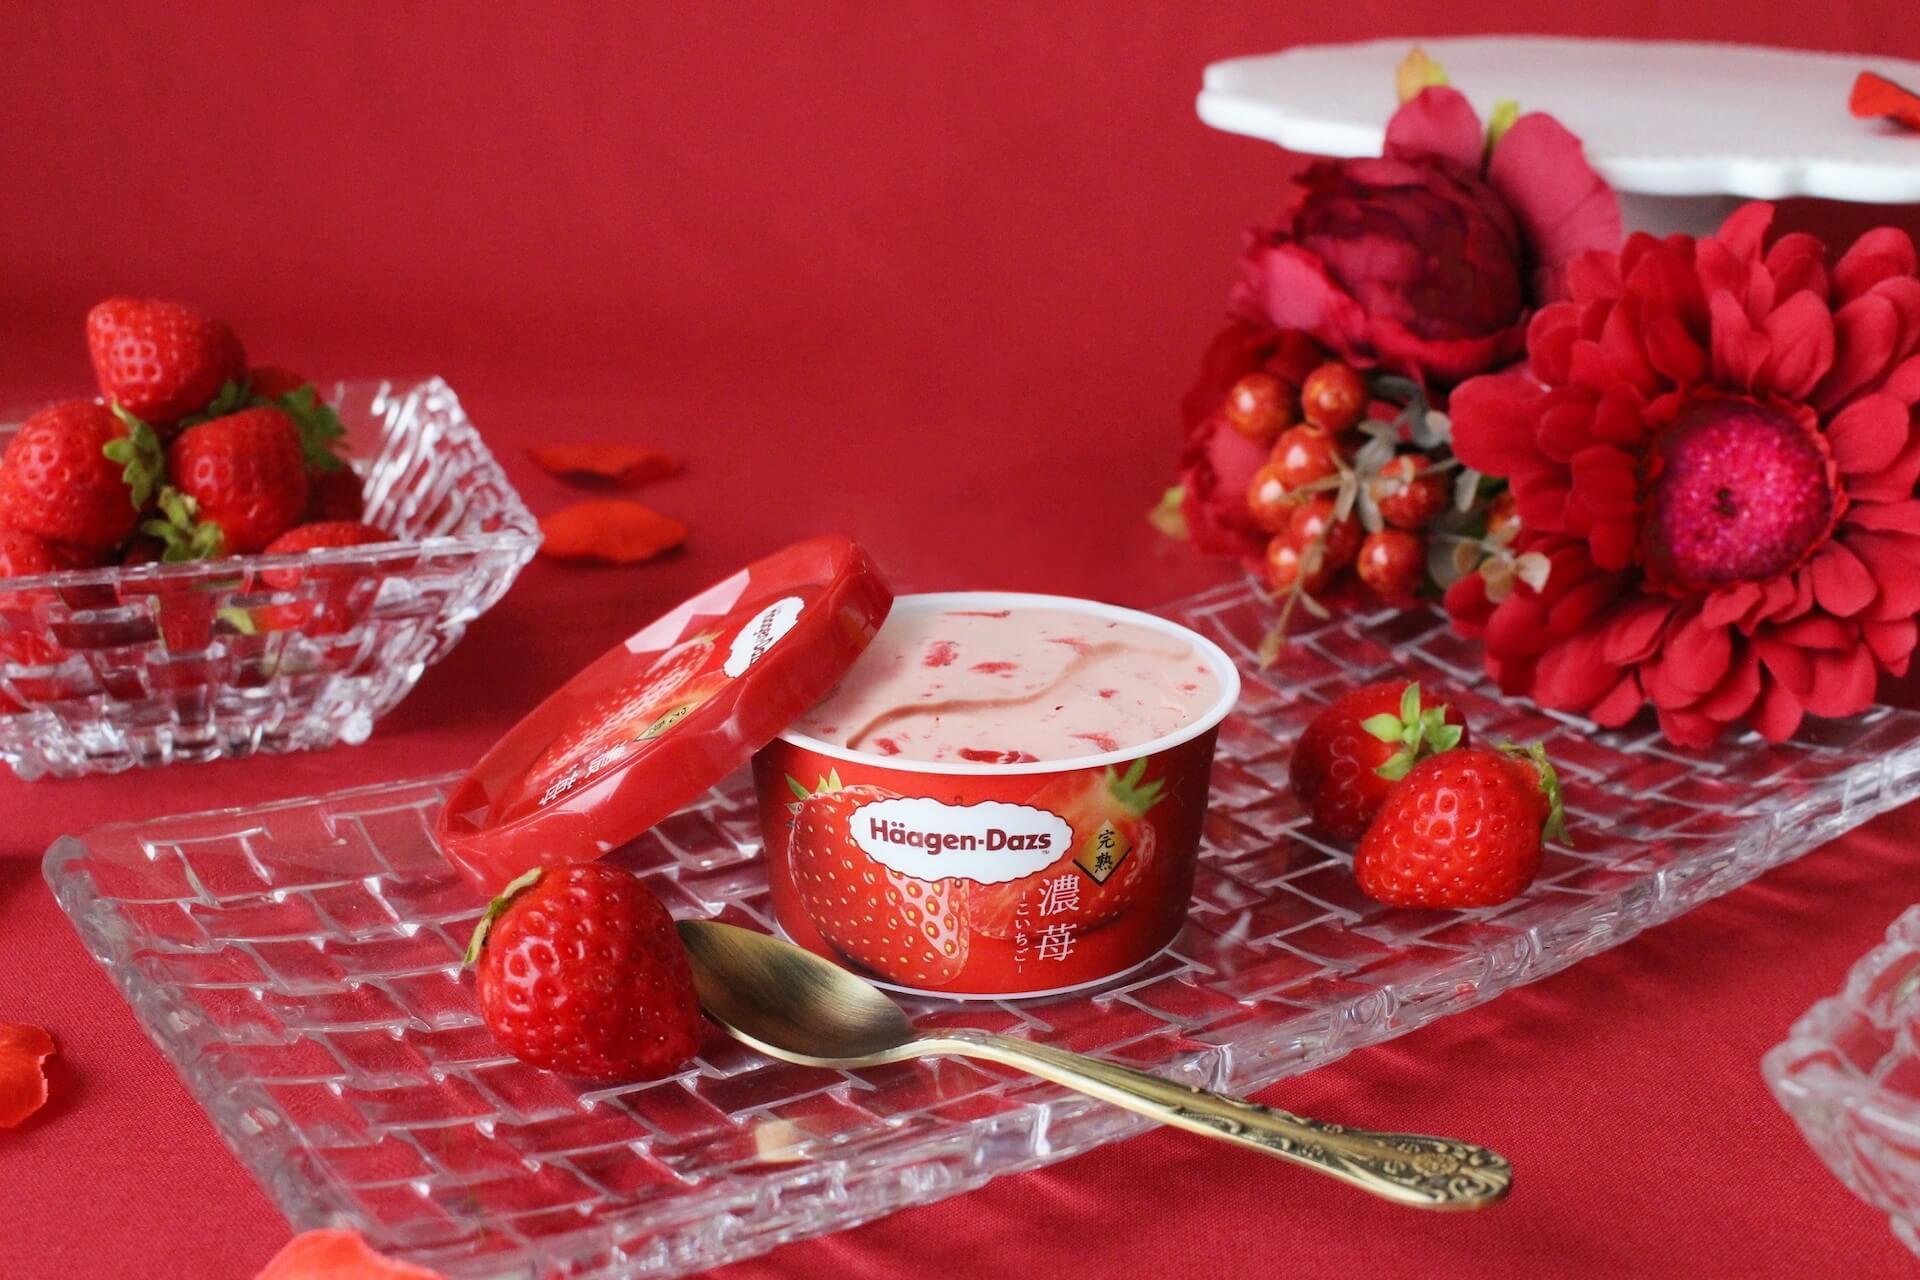 ハーゲンダッツから超濃厚ないちごの美味しさを凝縮したアイスクリーム『濃苺』が新発売! gourmet210726_haagendazs_koichigo_4